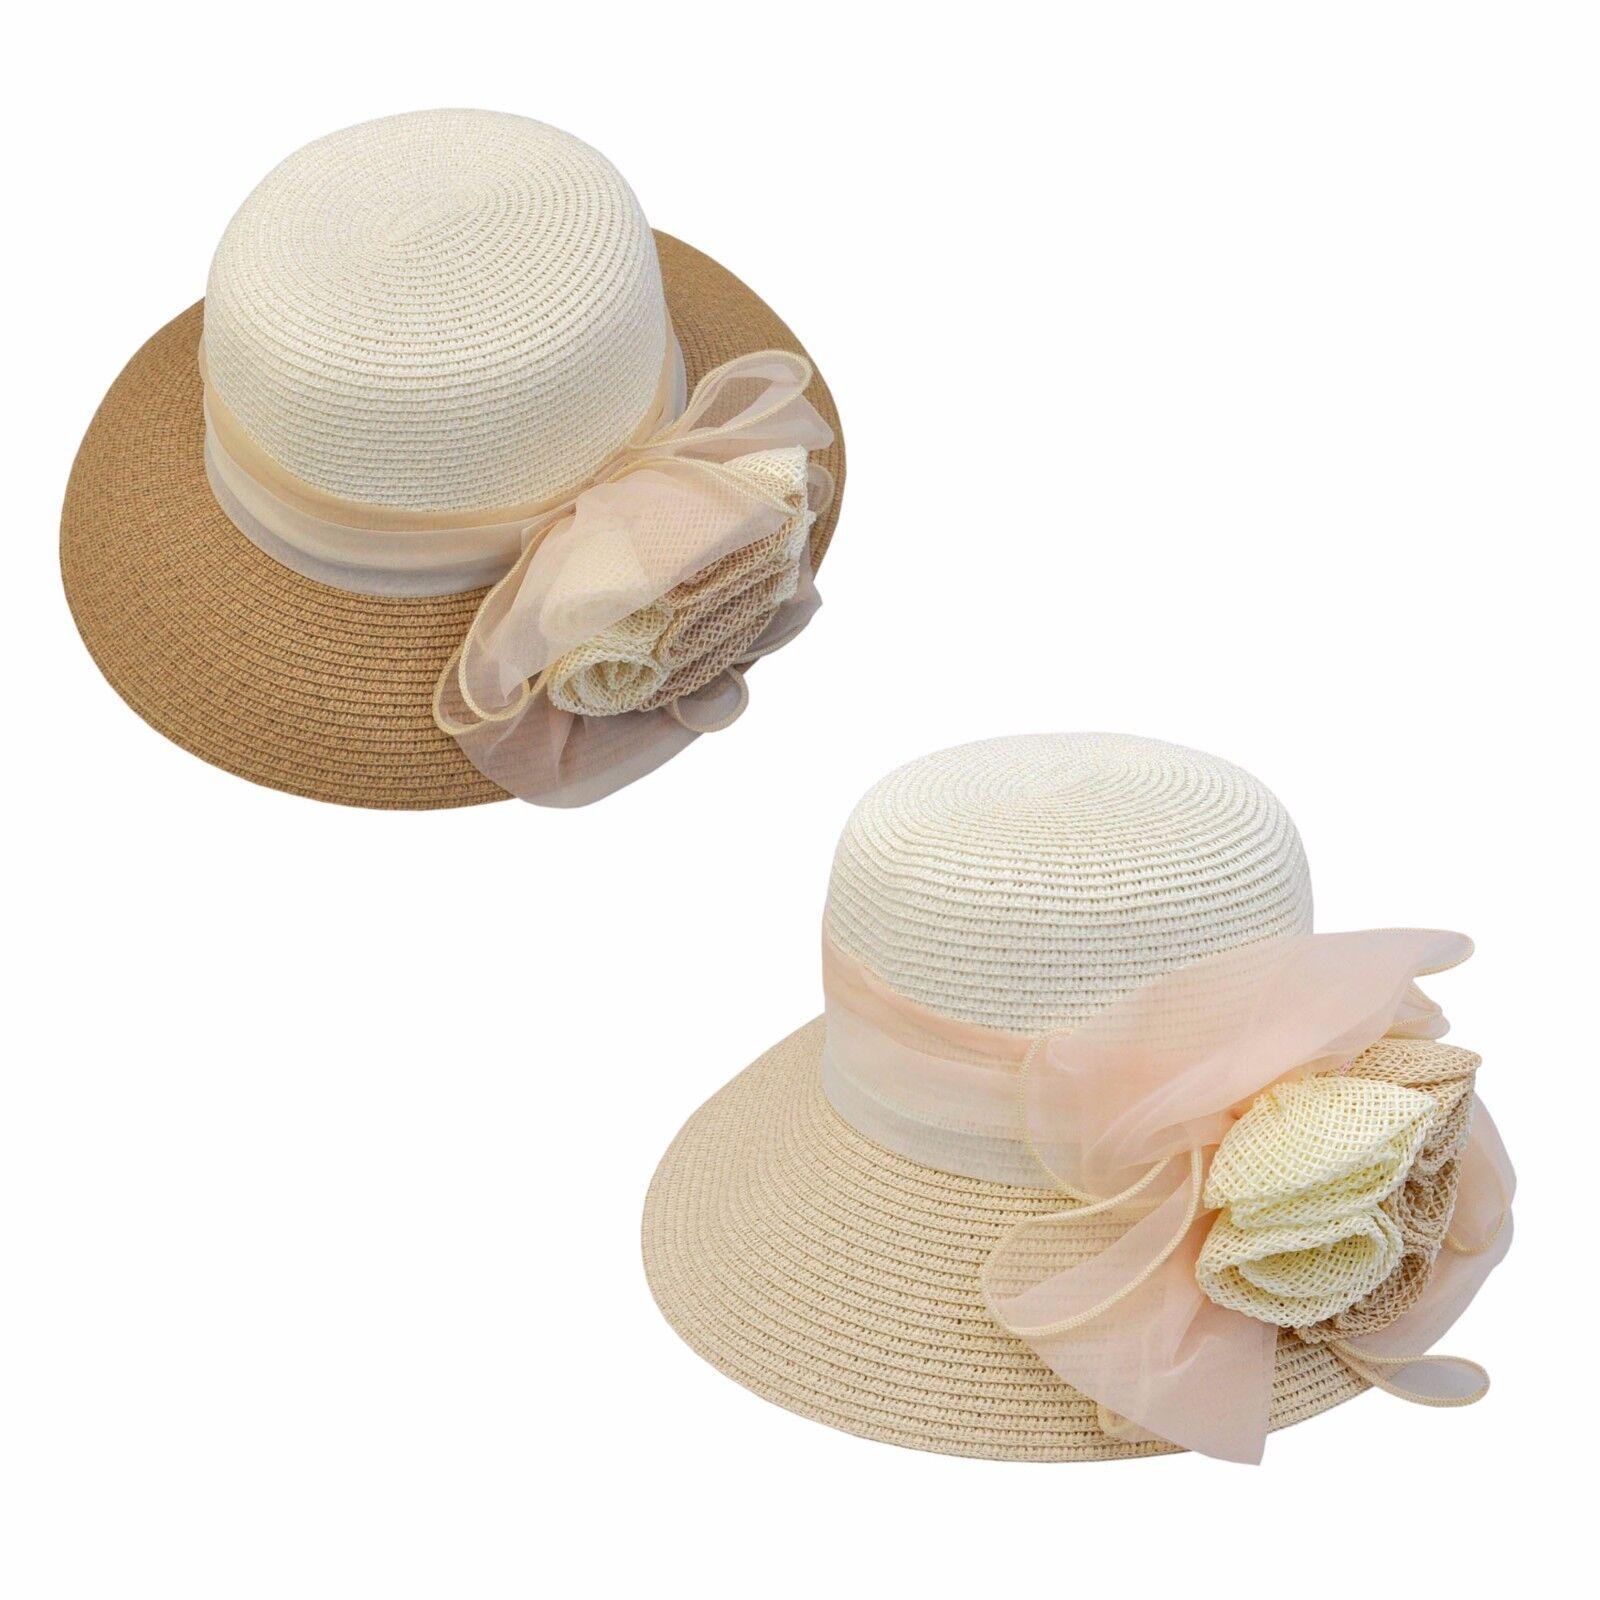 Hut Damen creme braun beige modern Jga Blume blüte Hochzeit Schleife Sommer